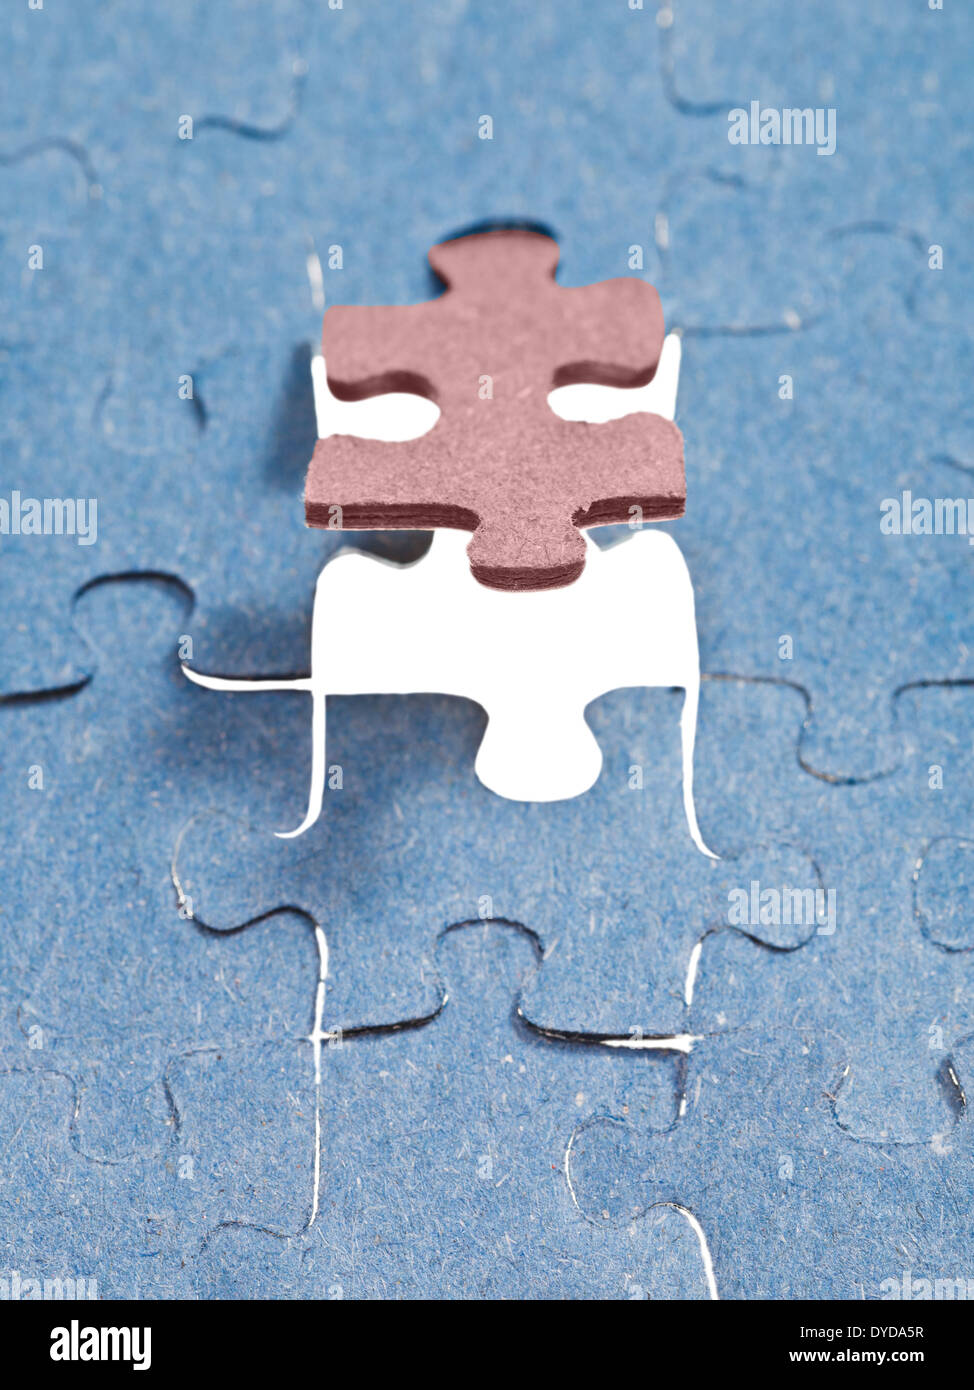 Einstellung der letzten braune Stück des Puzzles im freien Raum in ...